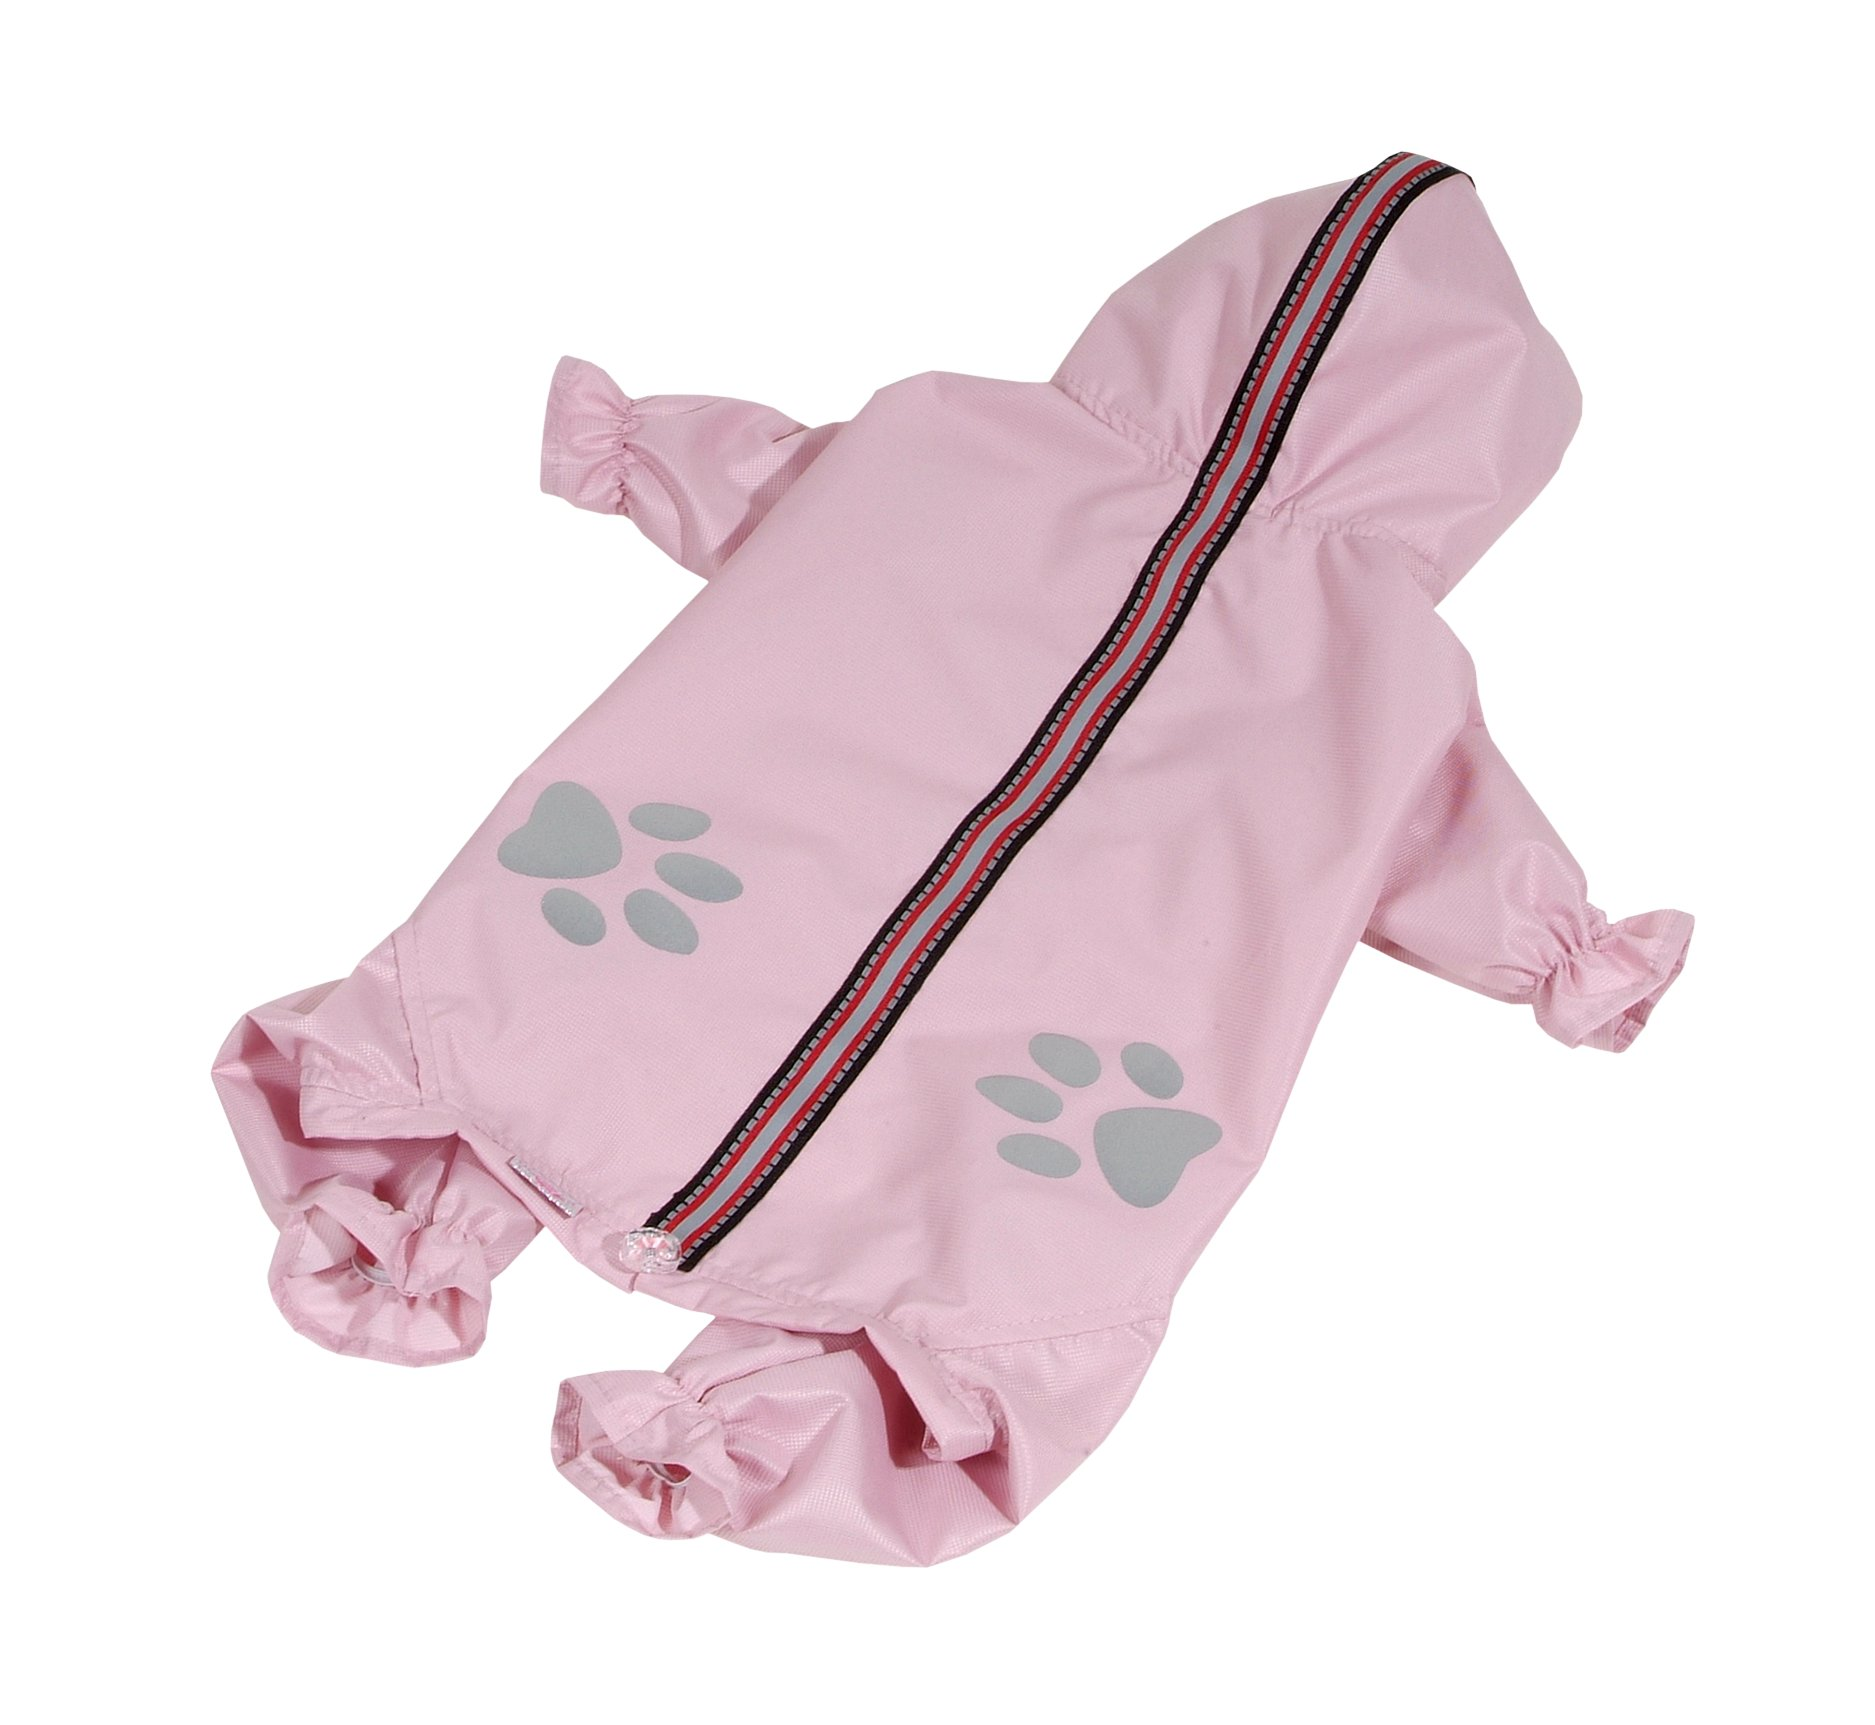 Kombinéza lehká šusťáková reflex - světle růžová (doprodej skladových zásob) XL